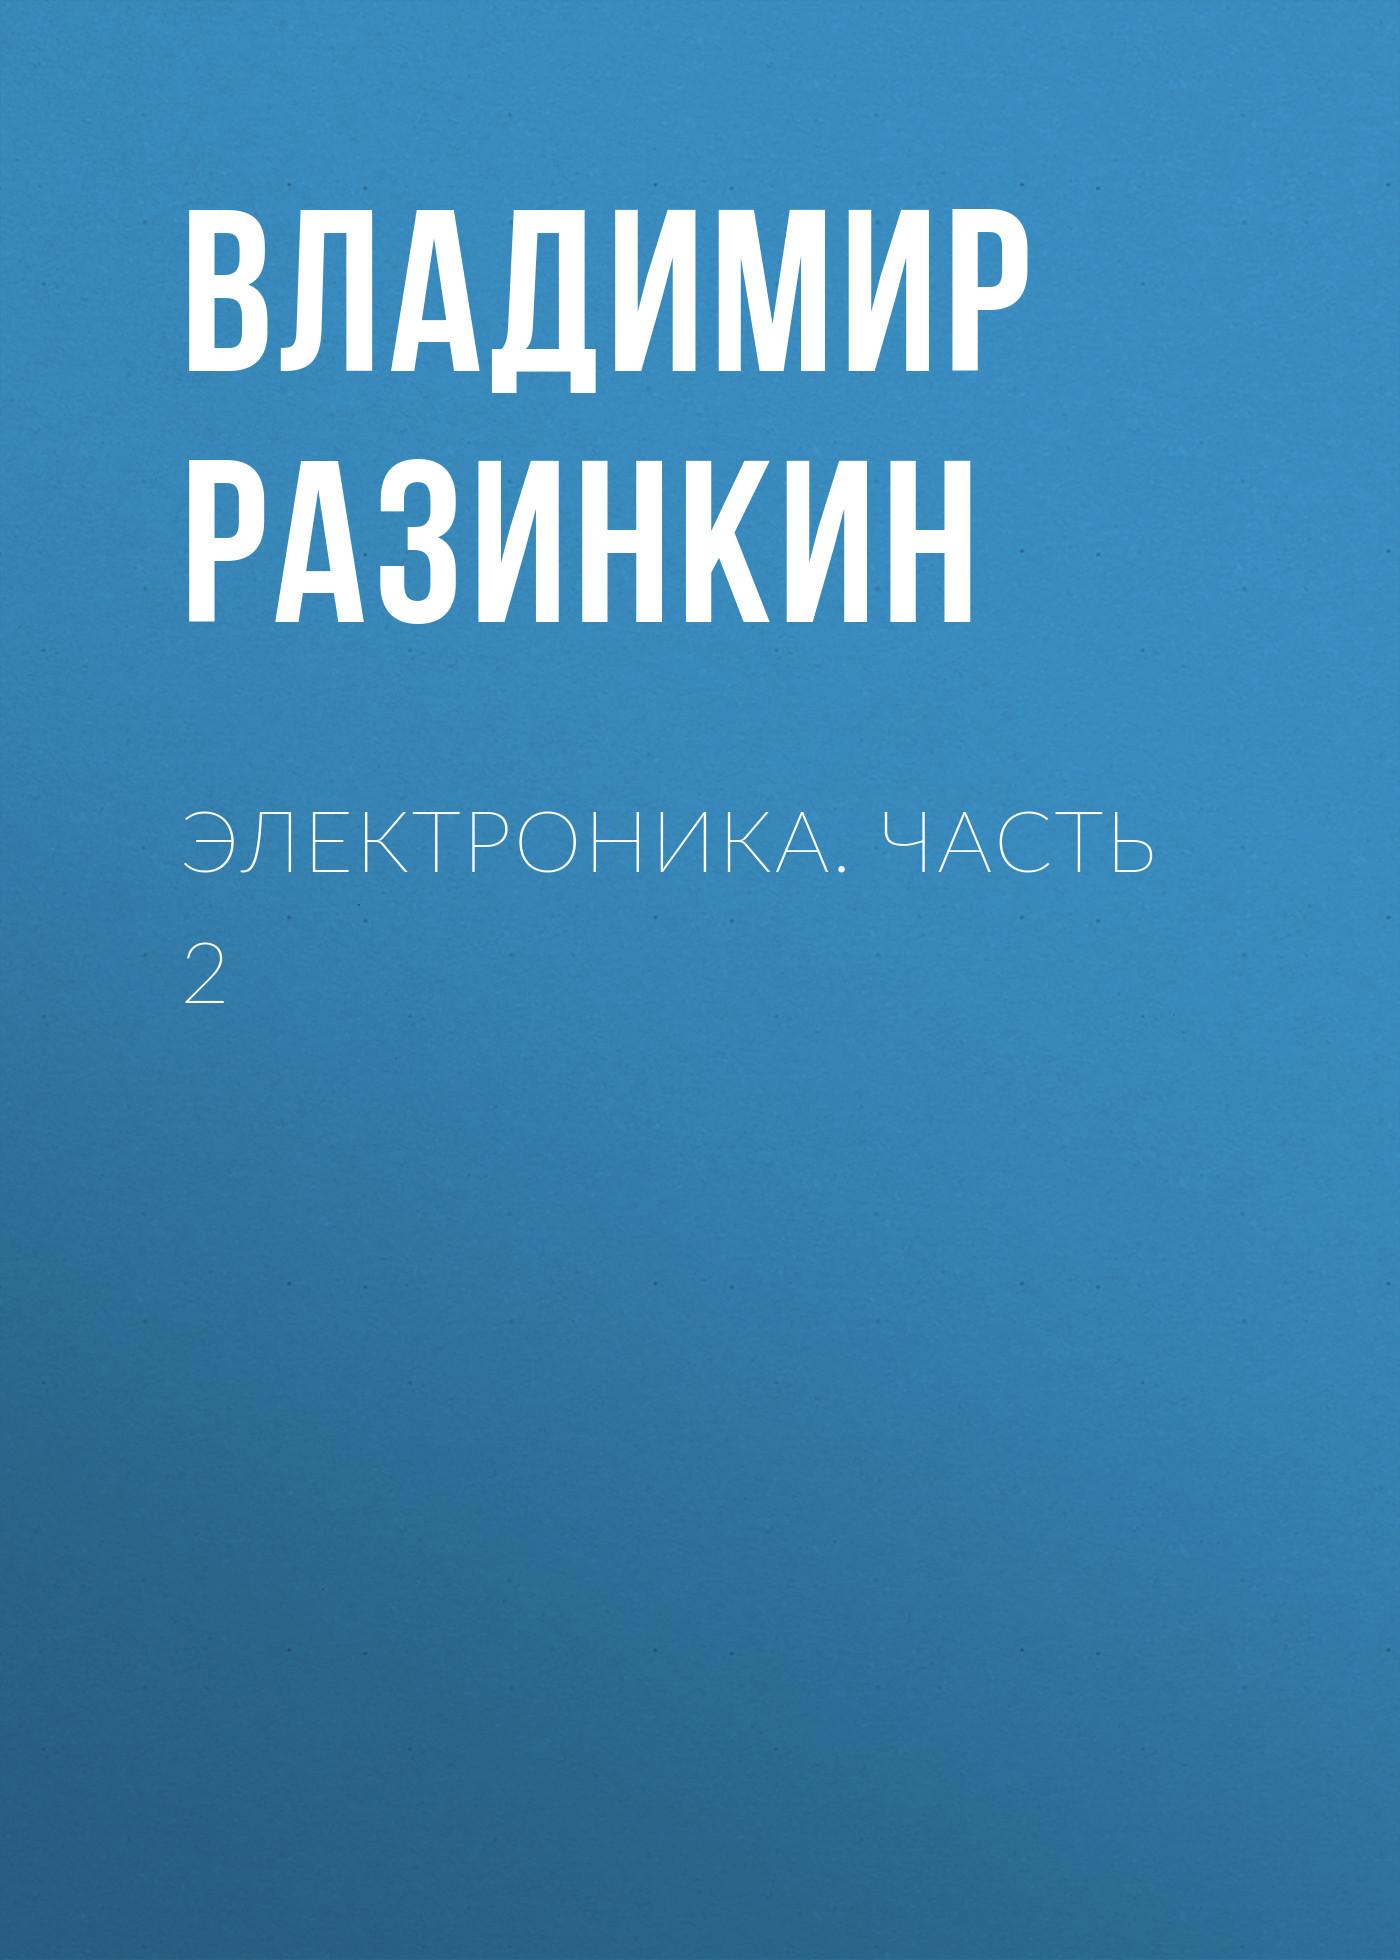 Владимир Разинкин бесплатно